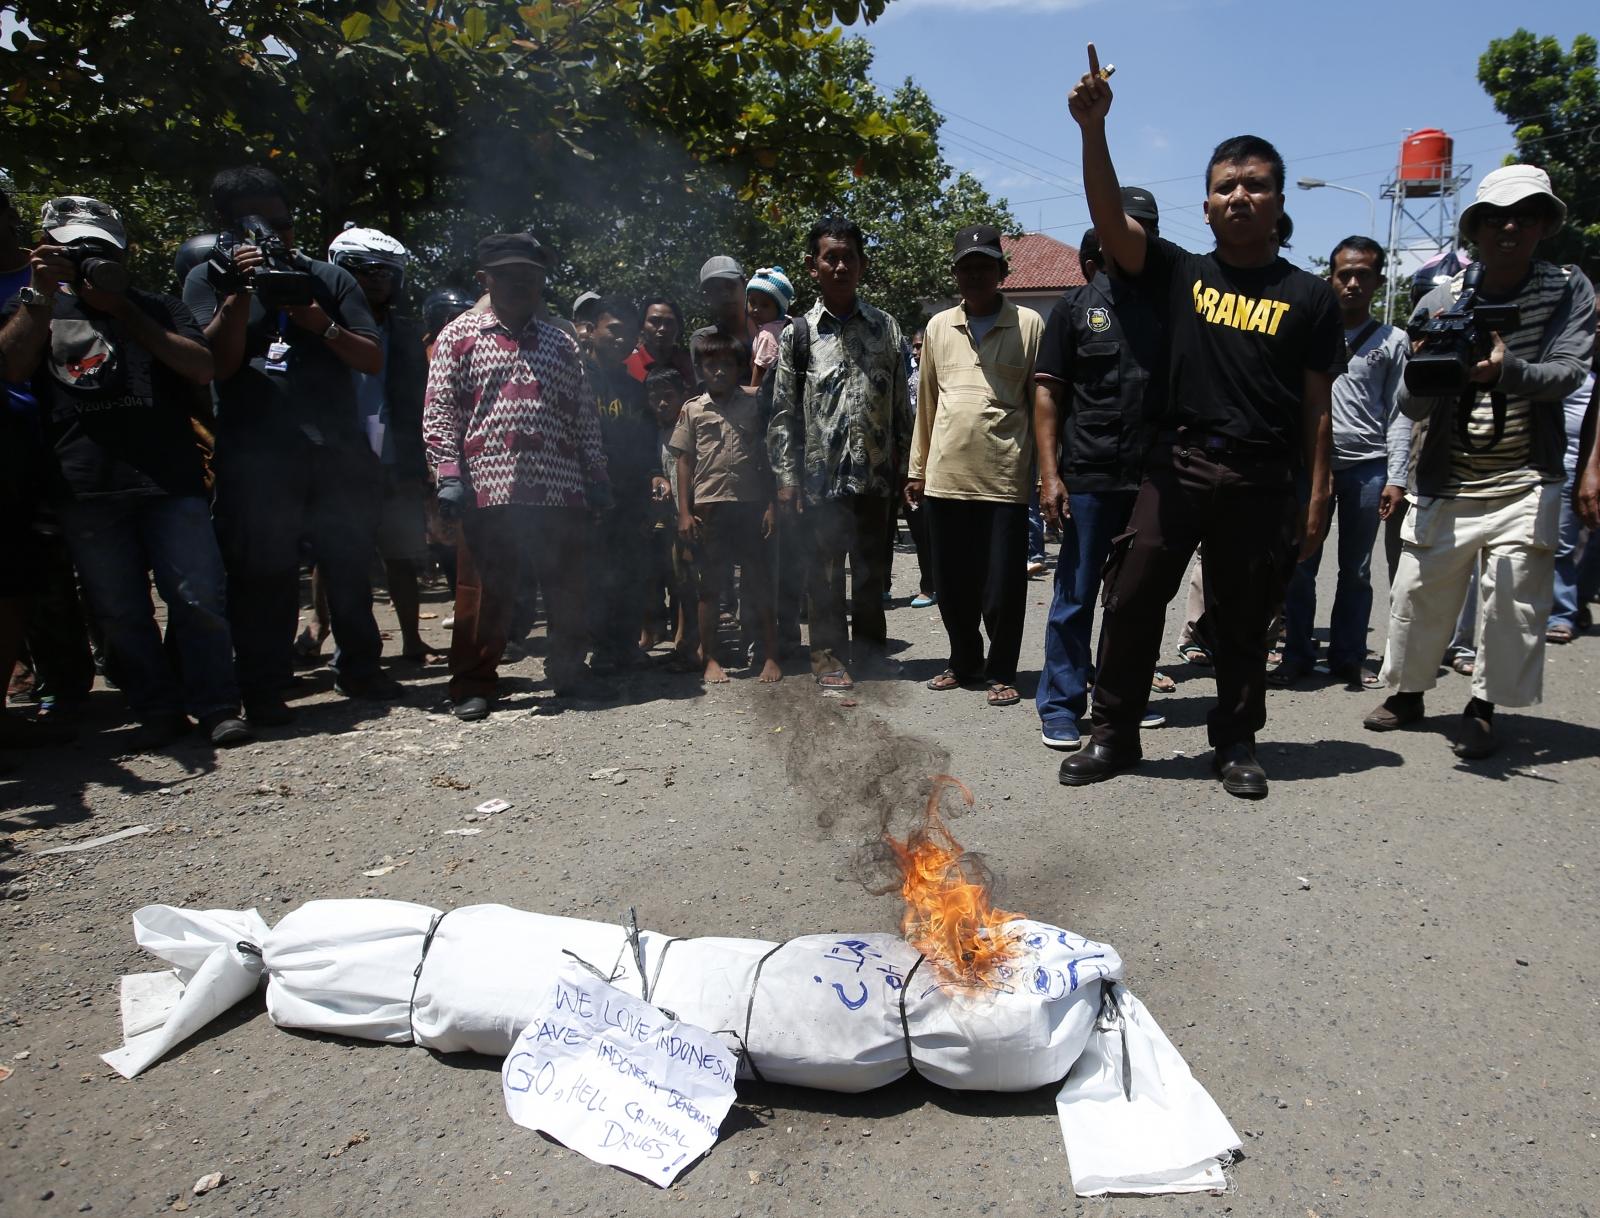 Bali 9 protest